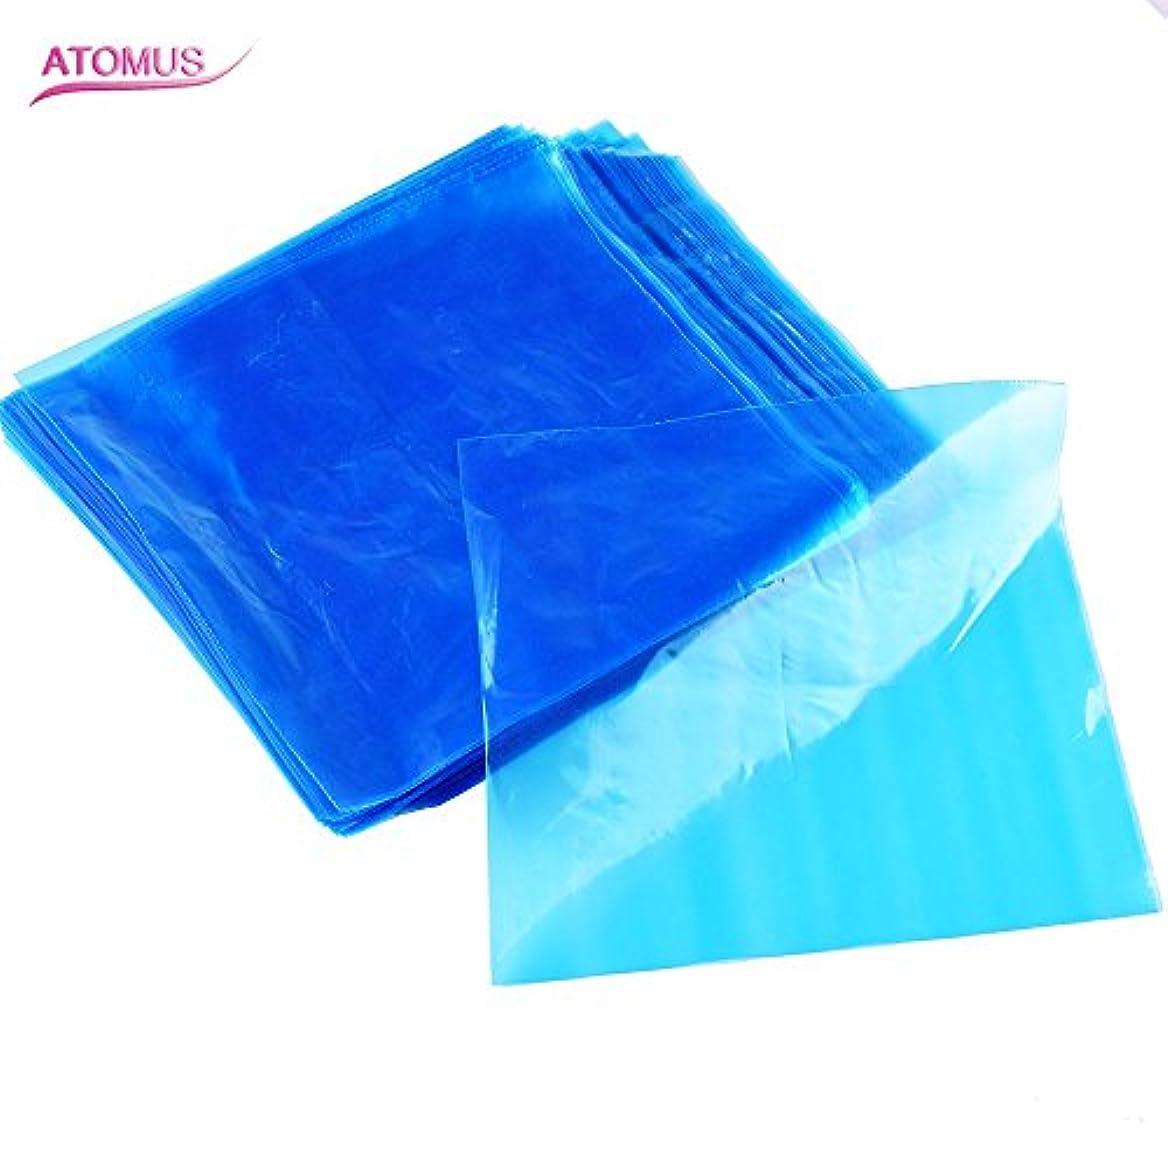 強調する避難する守銭奴ATOMUS 200個 タトゥーマシンカバーバッグクリップ 使い捨て 青 ブプラスチック タトゥーマシンペン スリーブ 2種類の選択可能 (タイプ1)